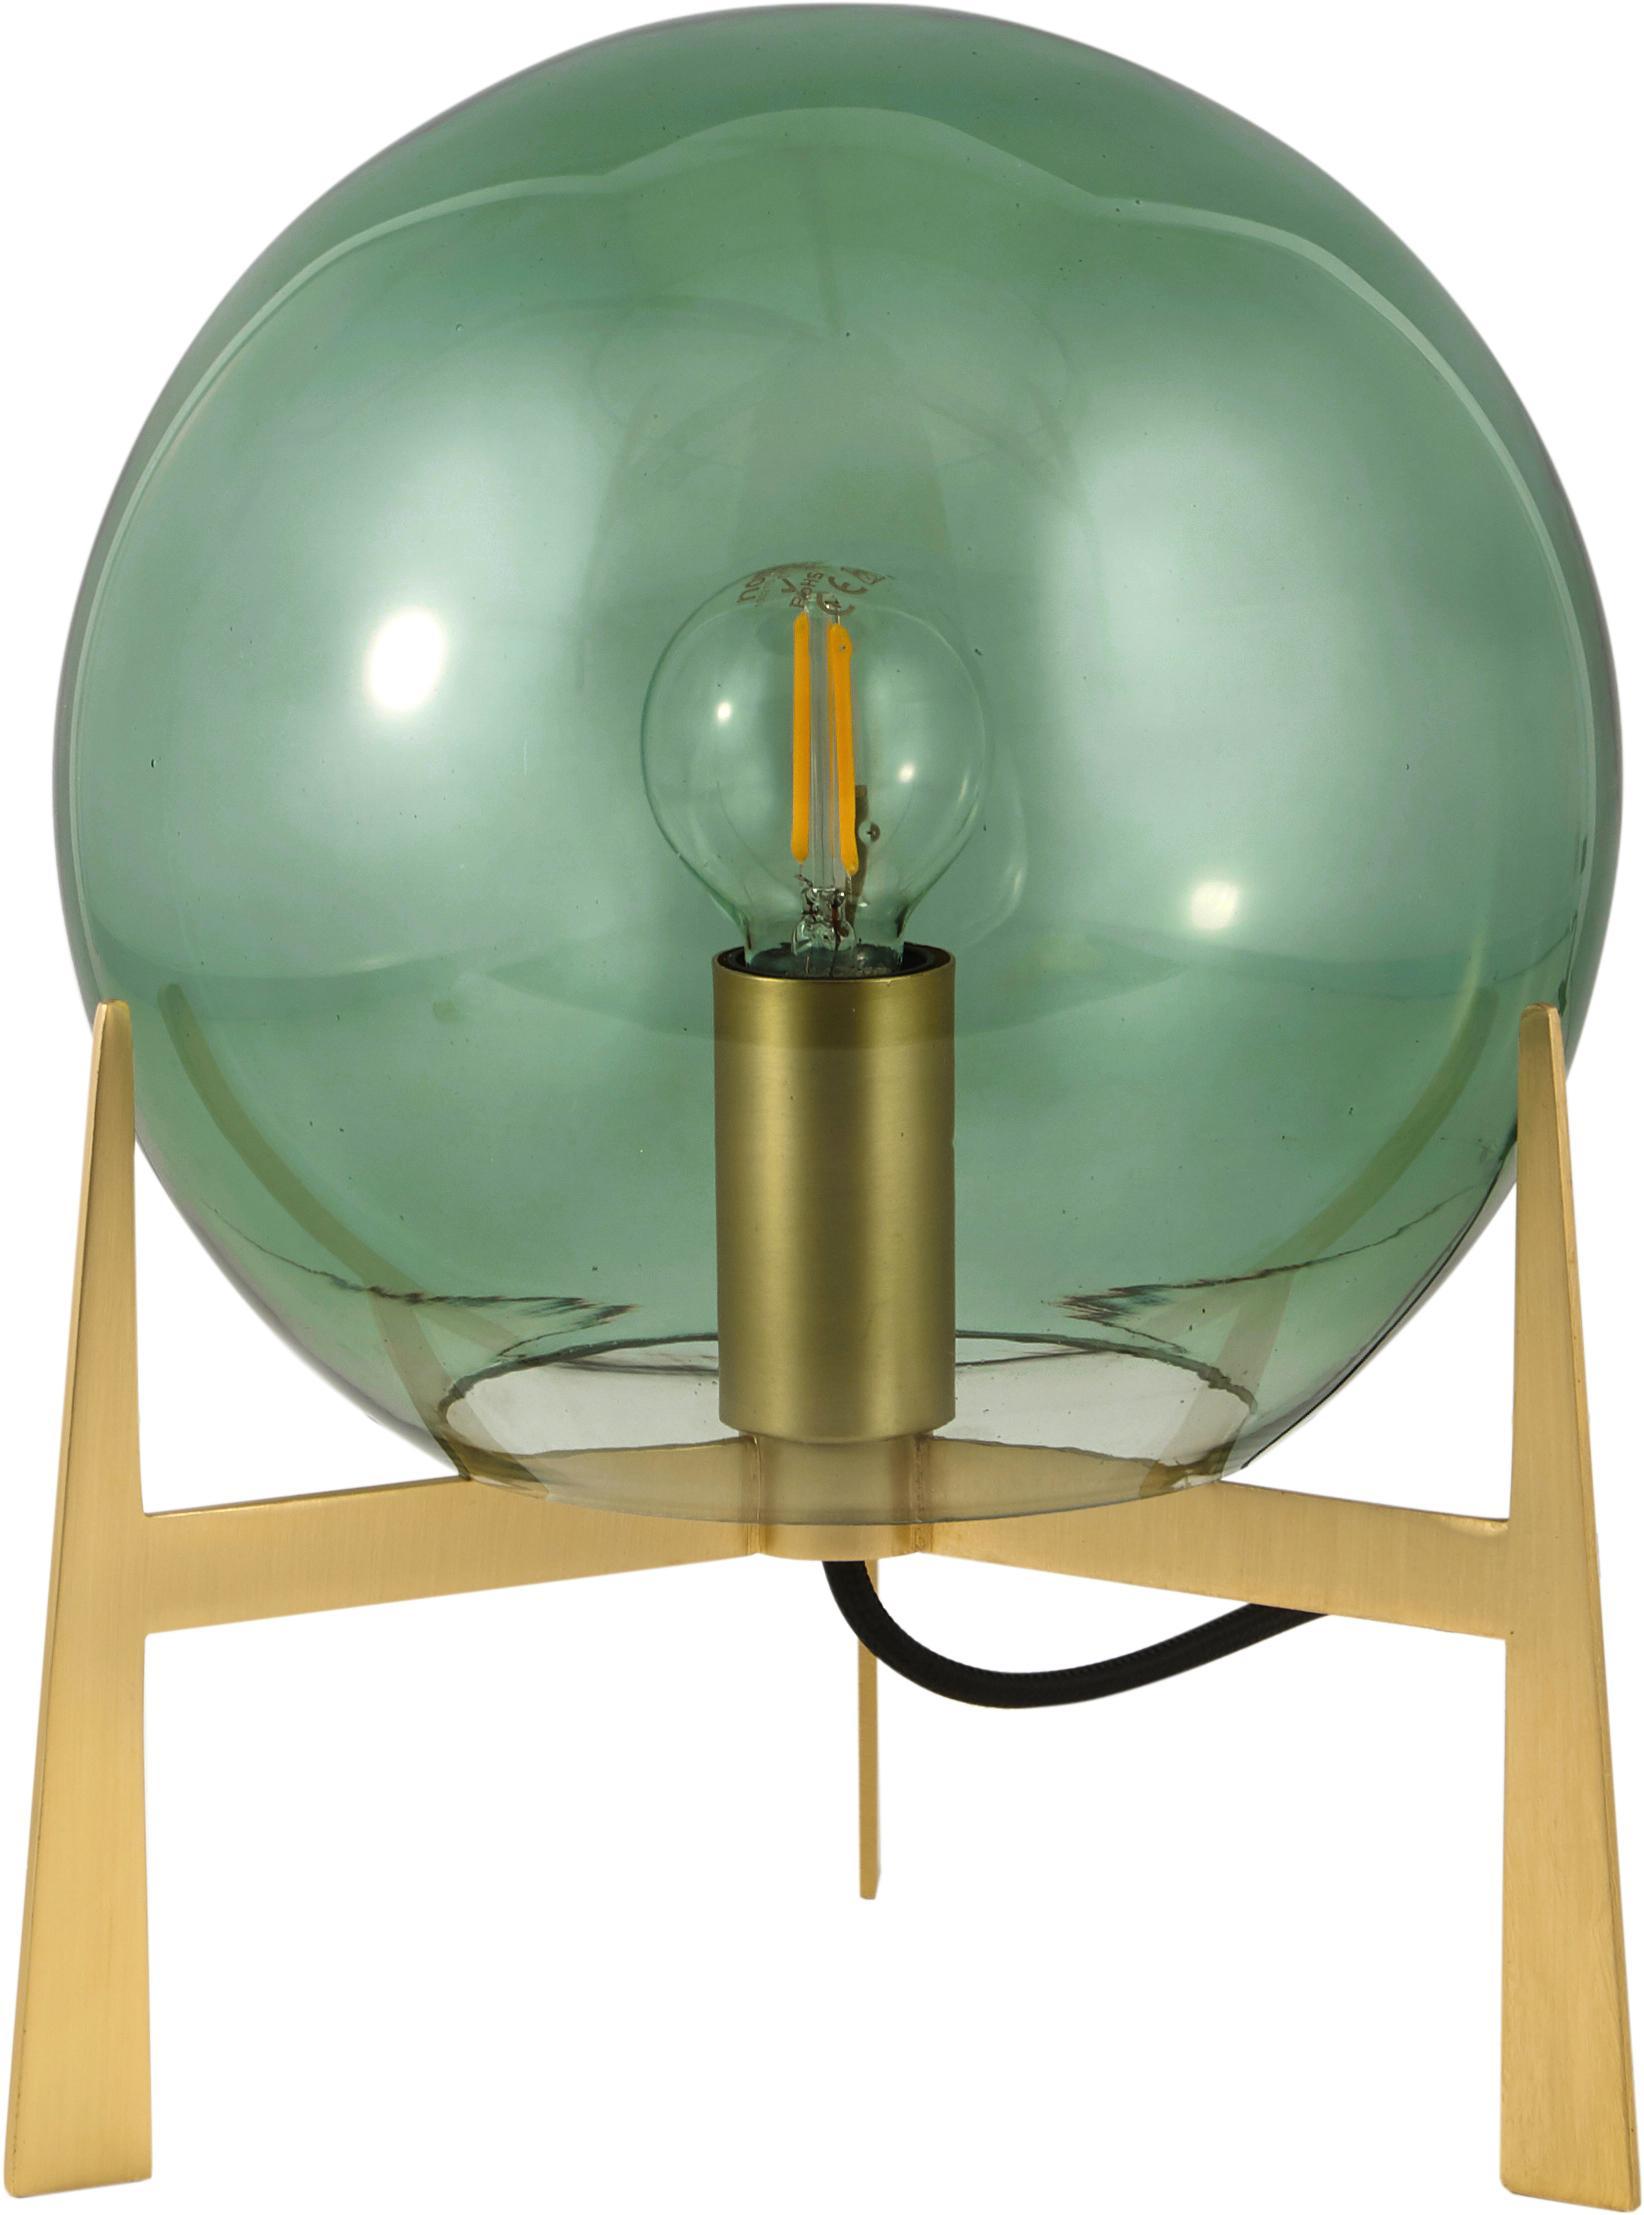 Tischlampe Milla aus farbigem Glas, Lampenschirm: Glas, Lampenfuß: Messing, Grün, Messingfarben, Schwarz, Ø 22 x H 28 cm